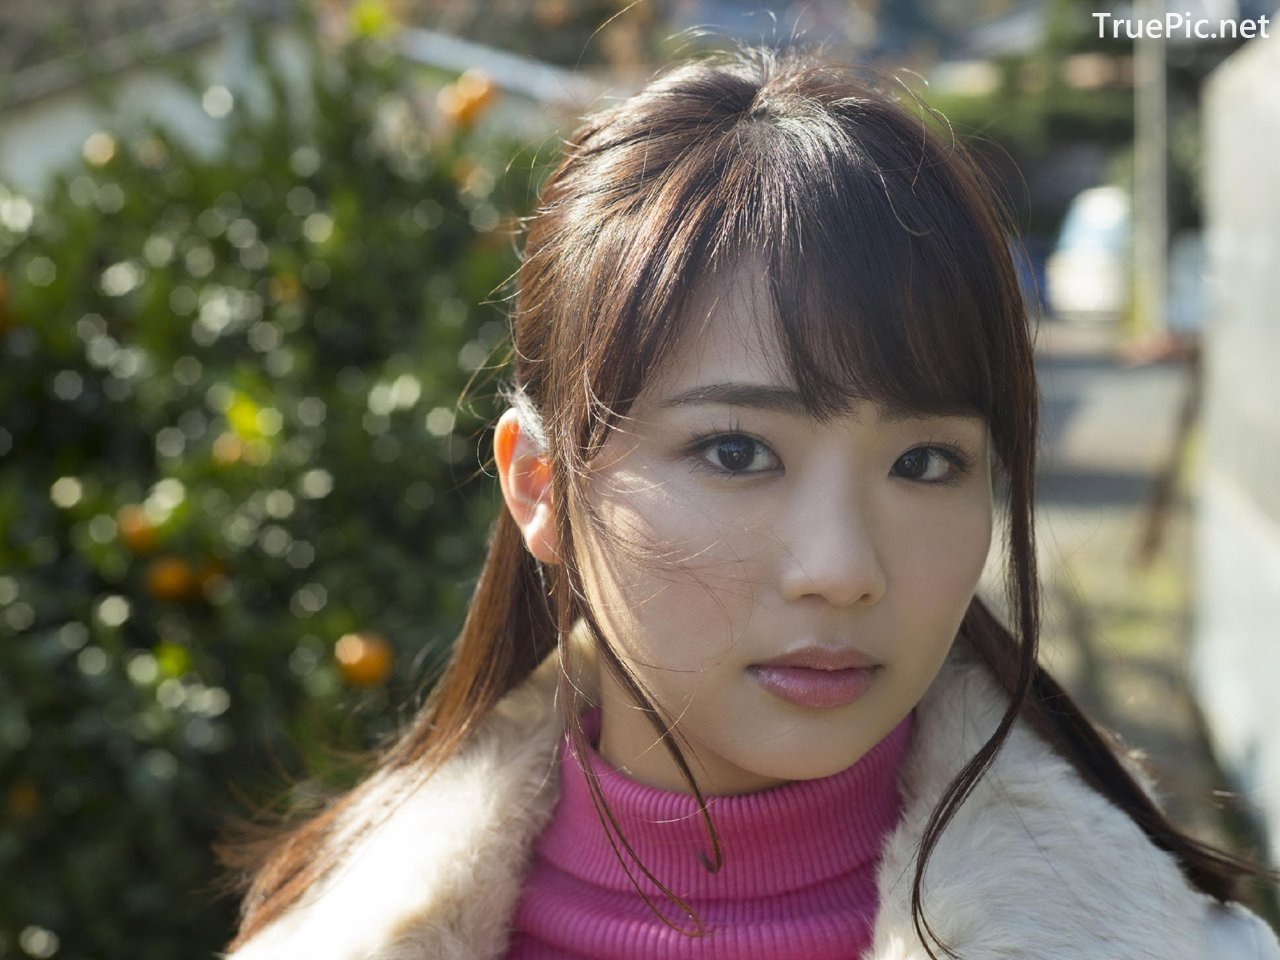 Image Japanese Tarento and Actress - Natsumi Hirajima - Attamaro - TruePic.net - Picture-3